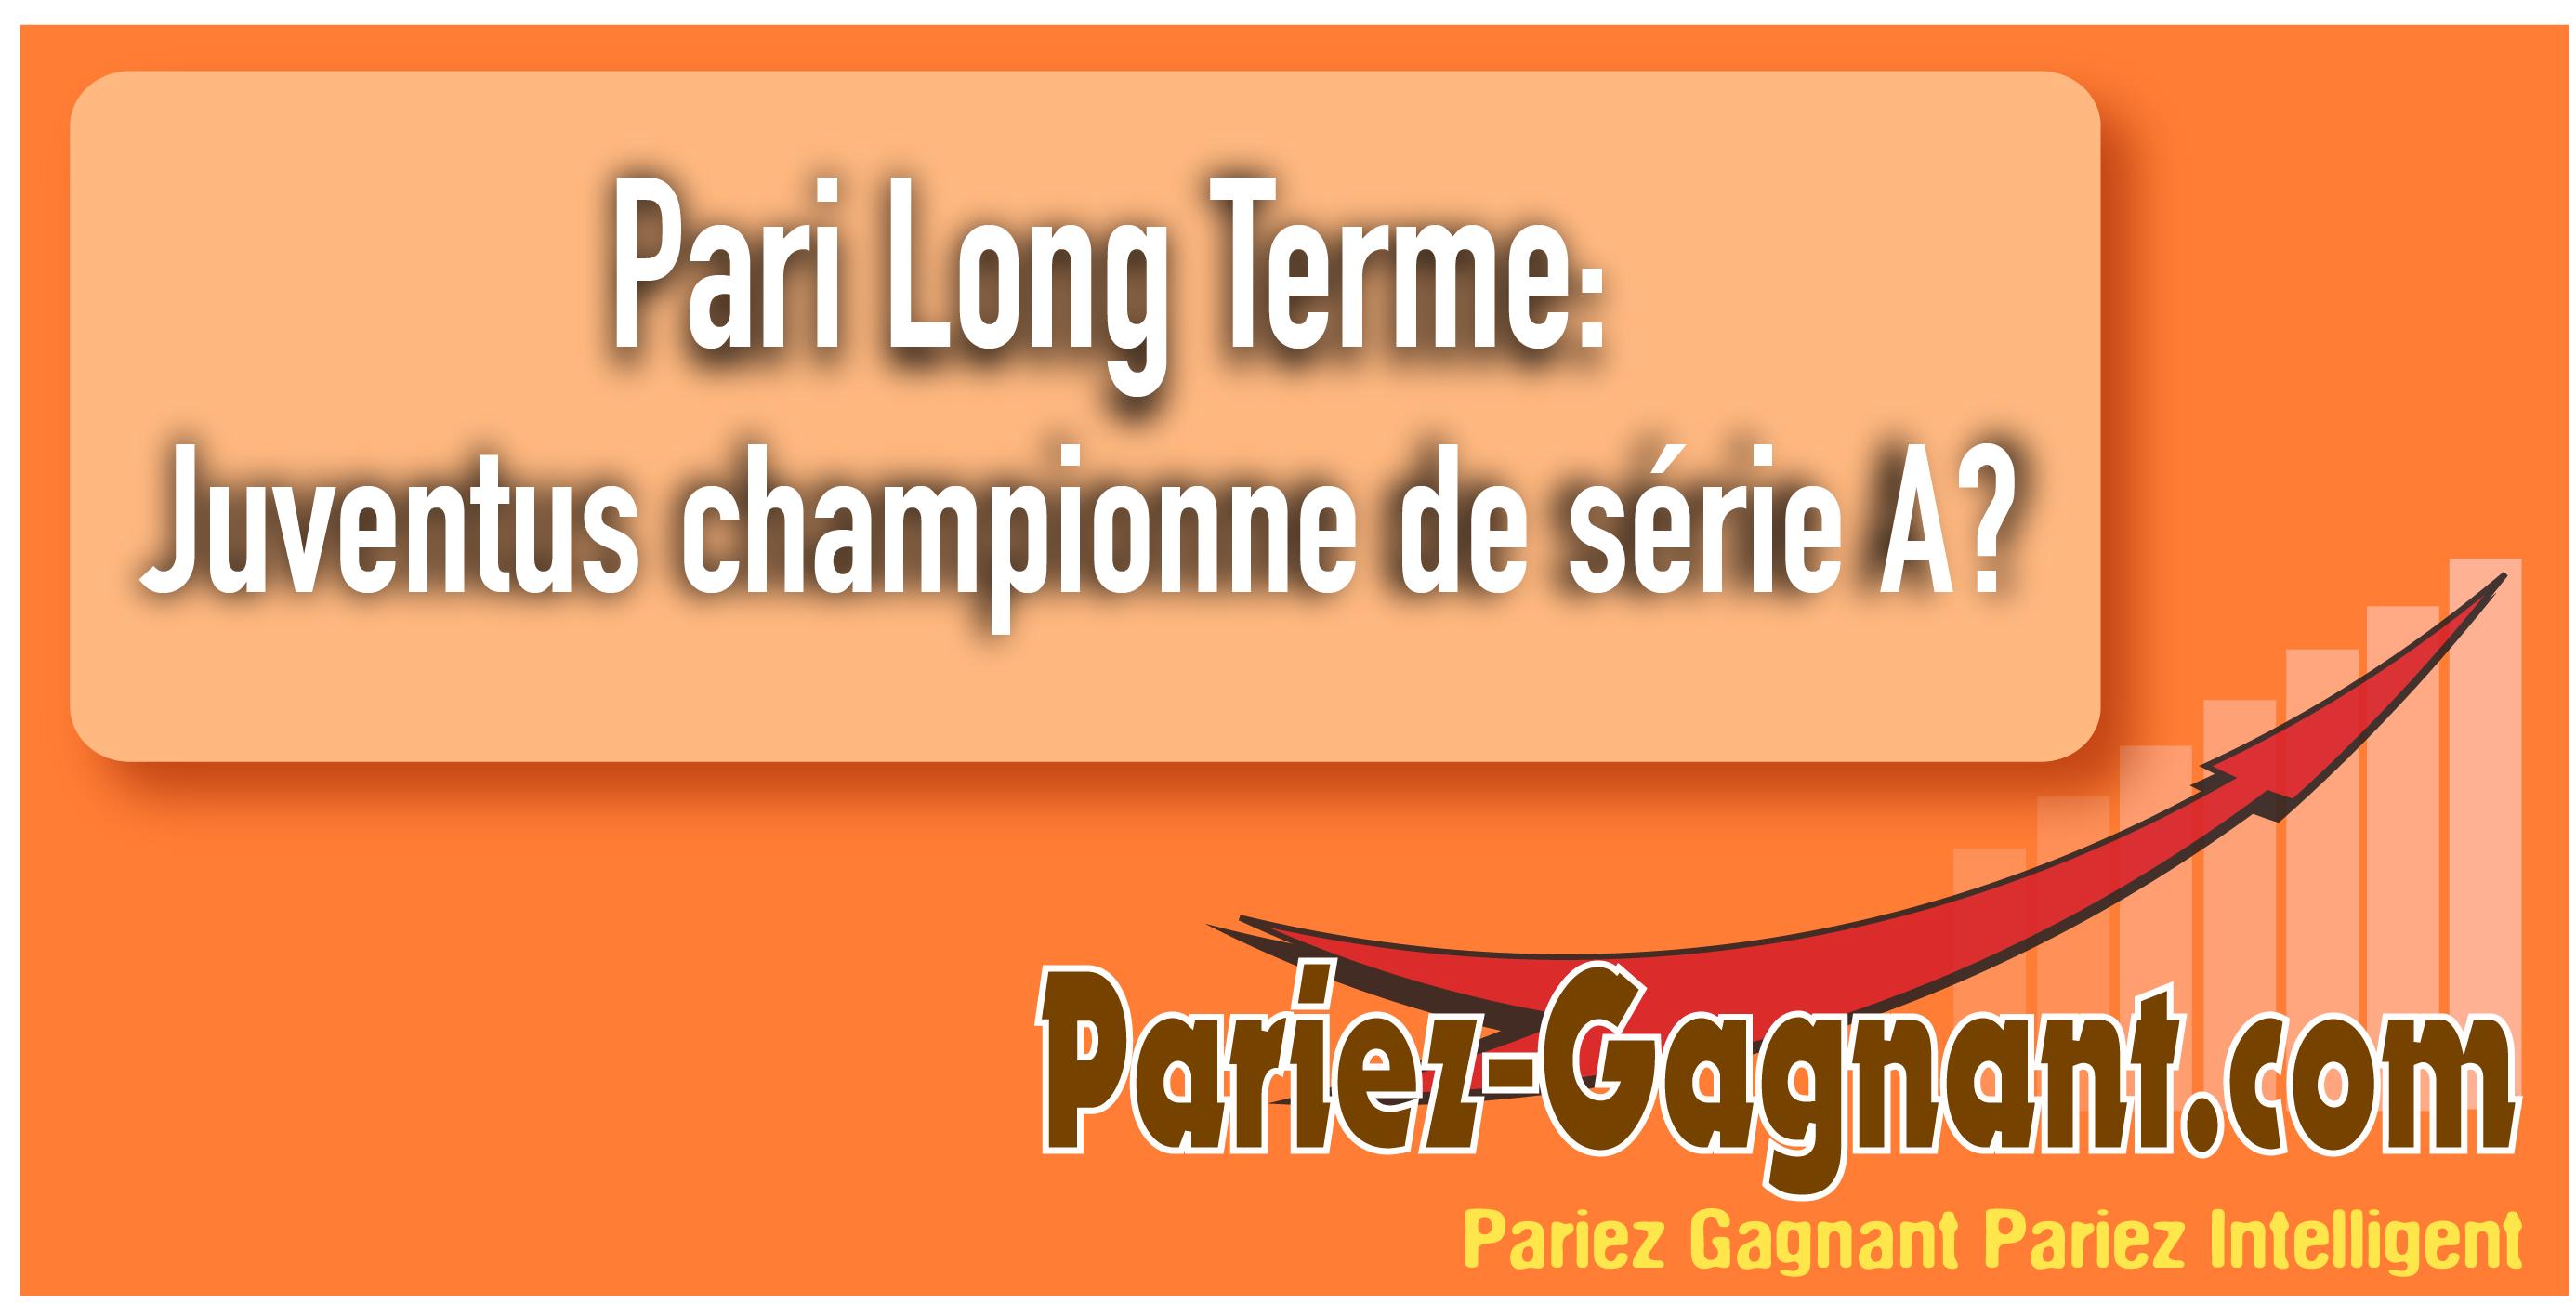 Pari Long Terme champion série A